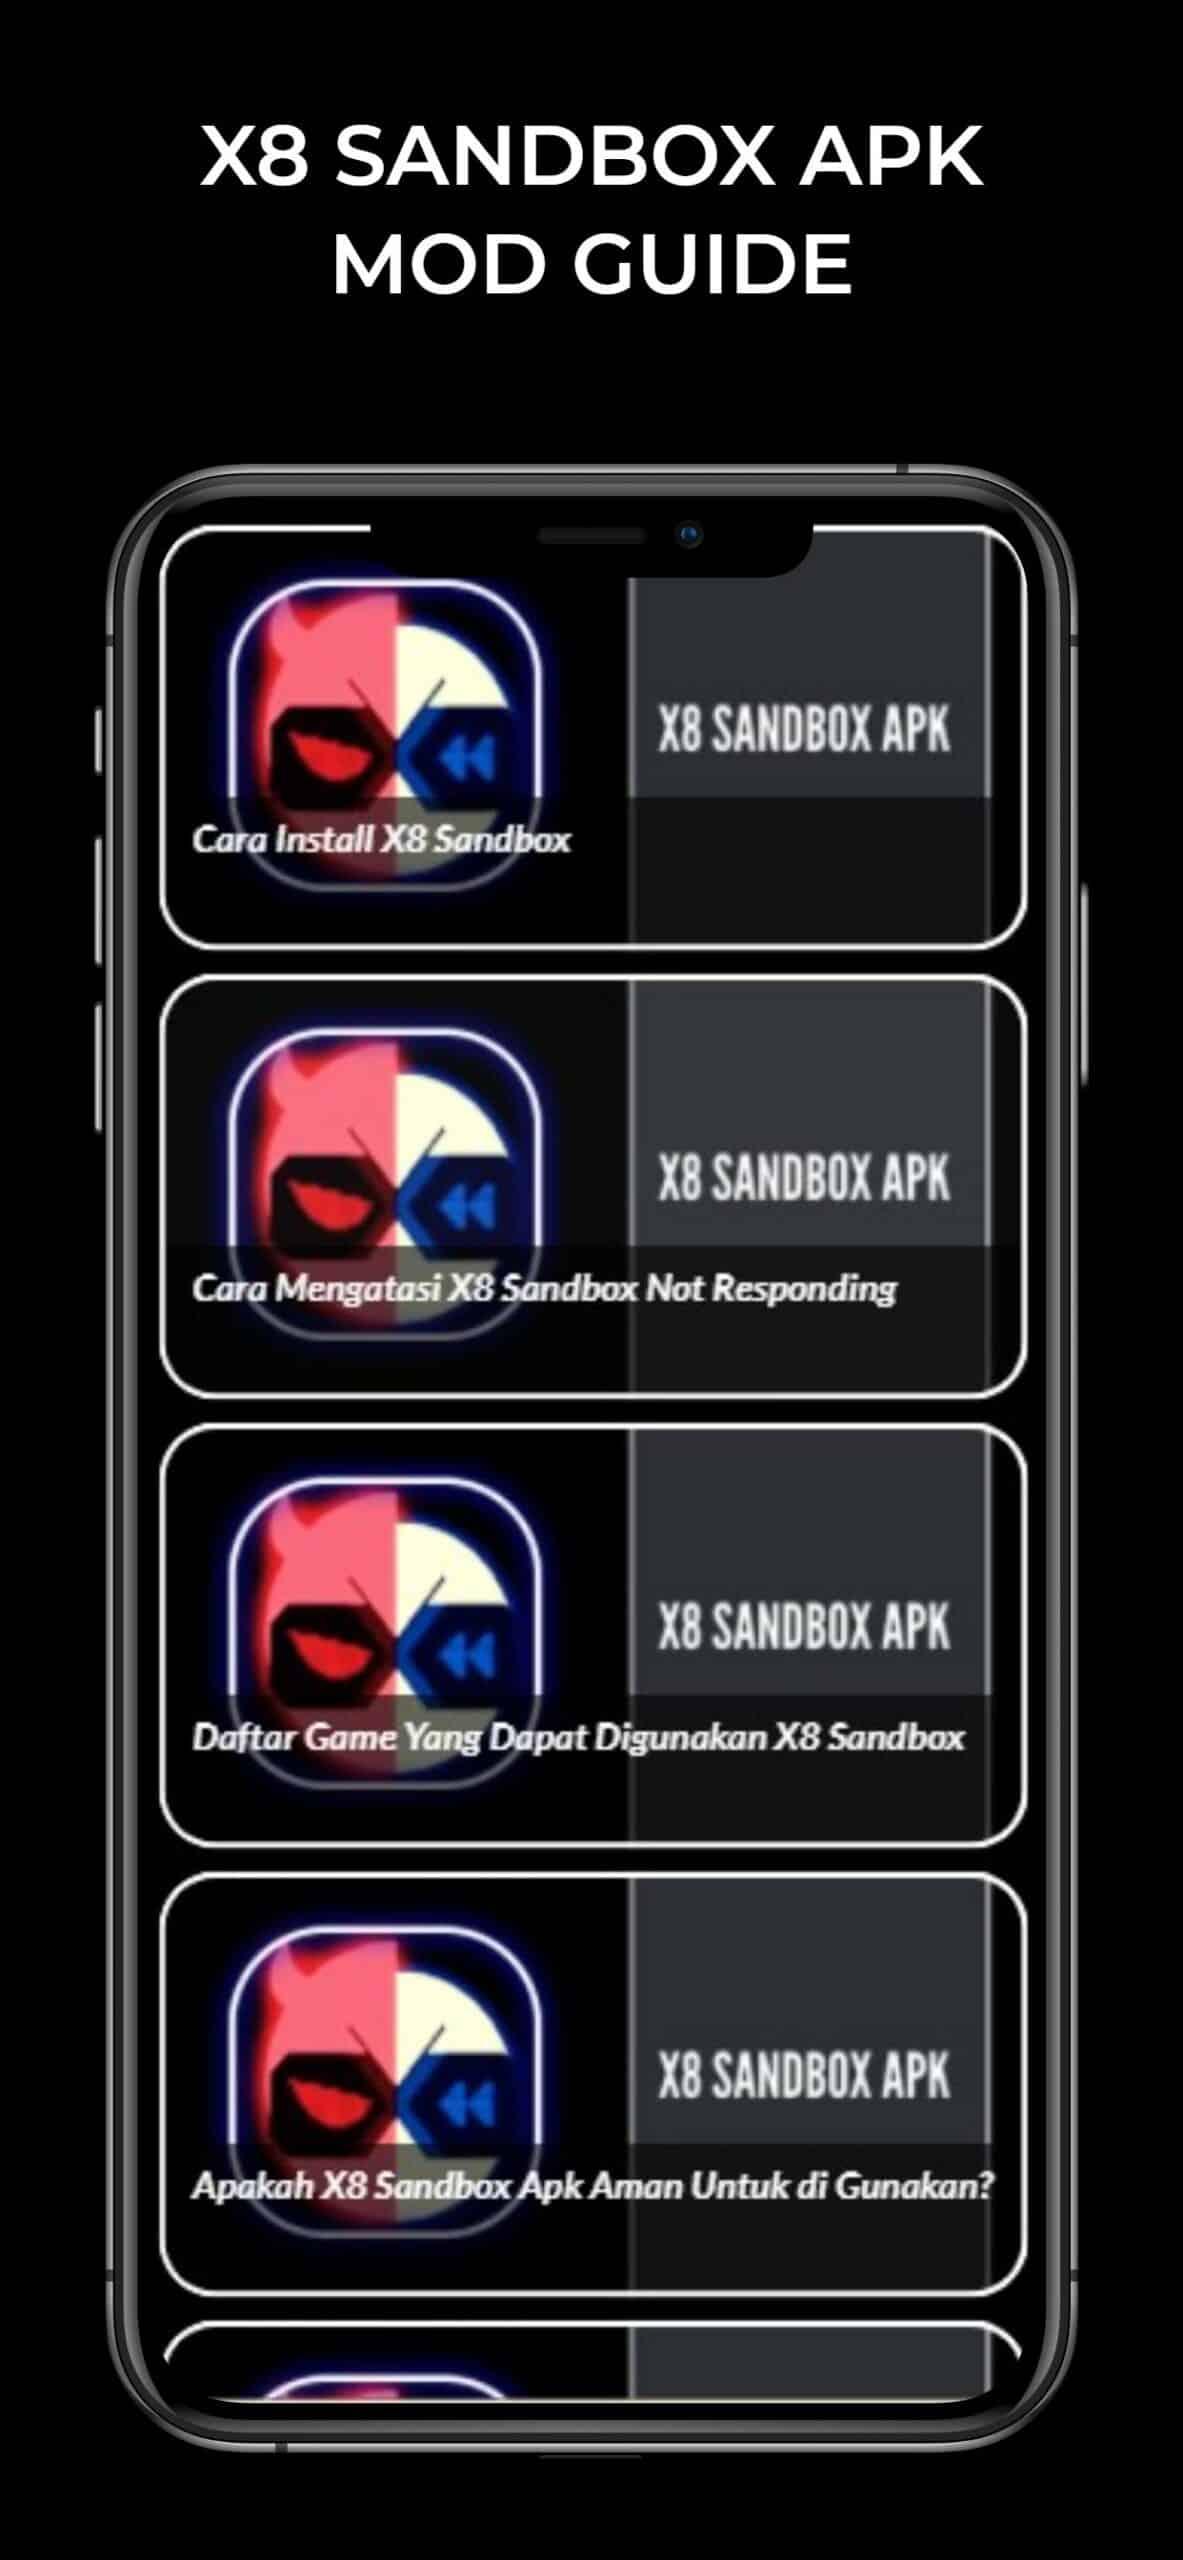 Dapat-Menginstal-Aplikasi-Lain-scaled